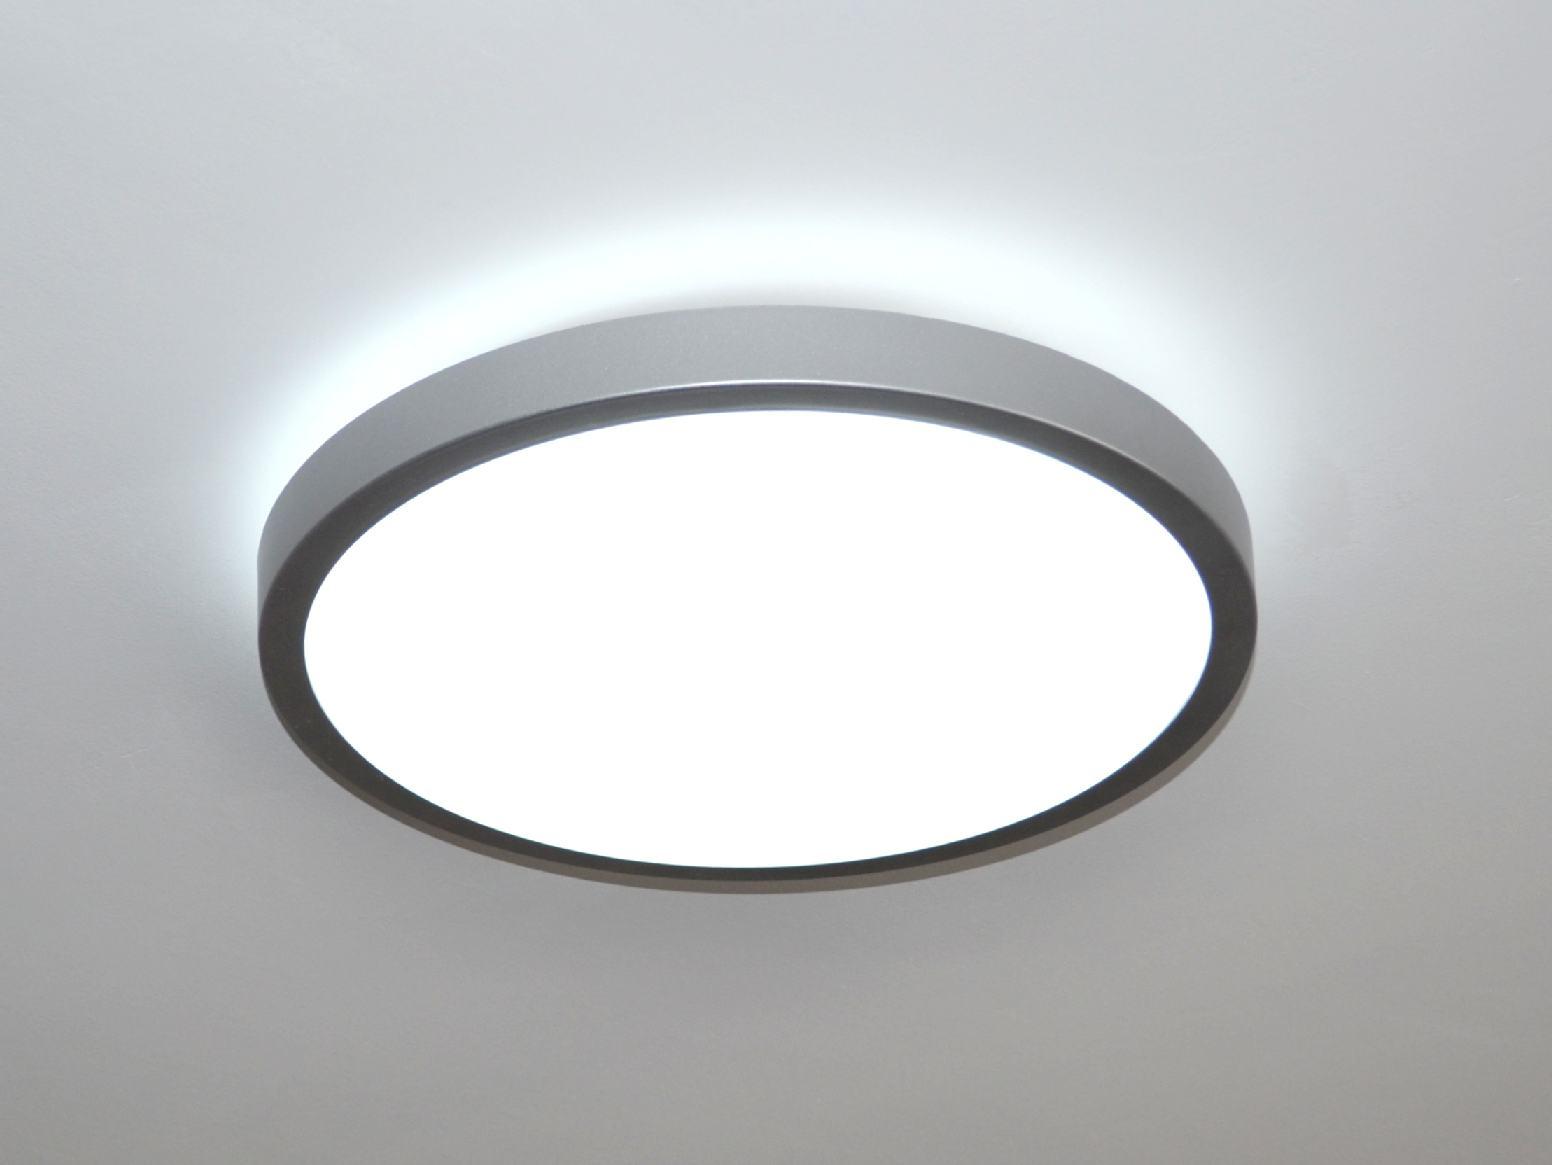 LED Deckenlampe Deckenleuchte 18 Watt XD R18 Flurlampe Wohnzimmer Flurleuchte  eBay